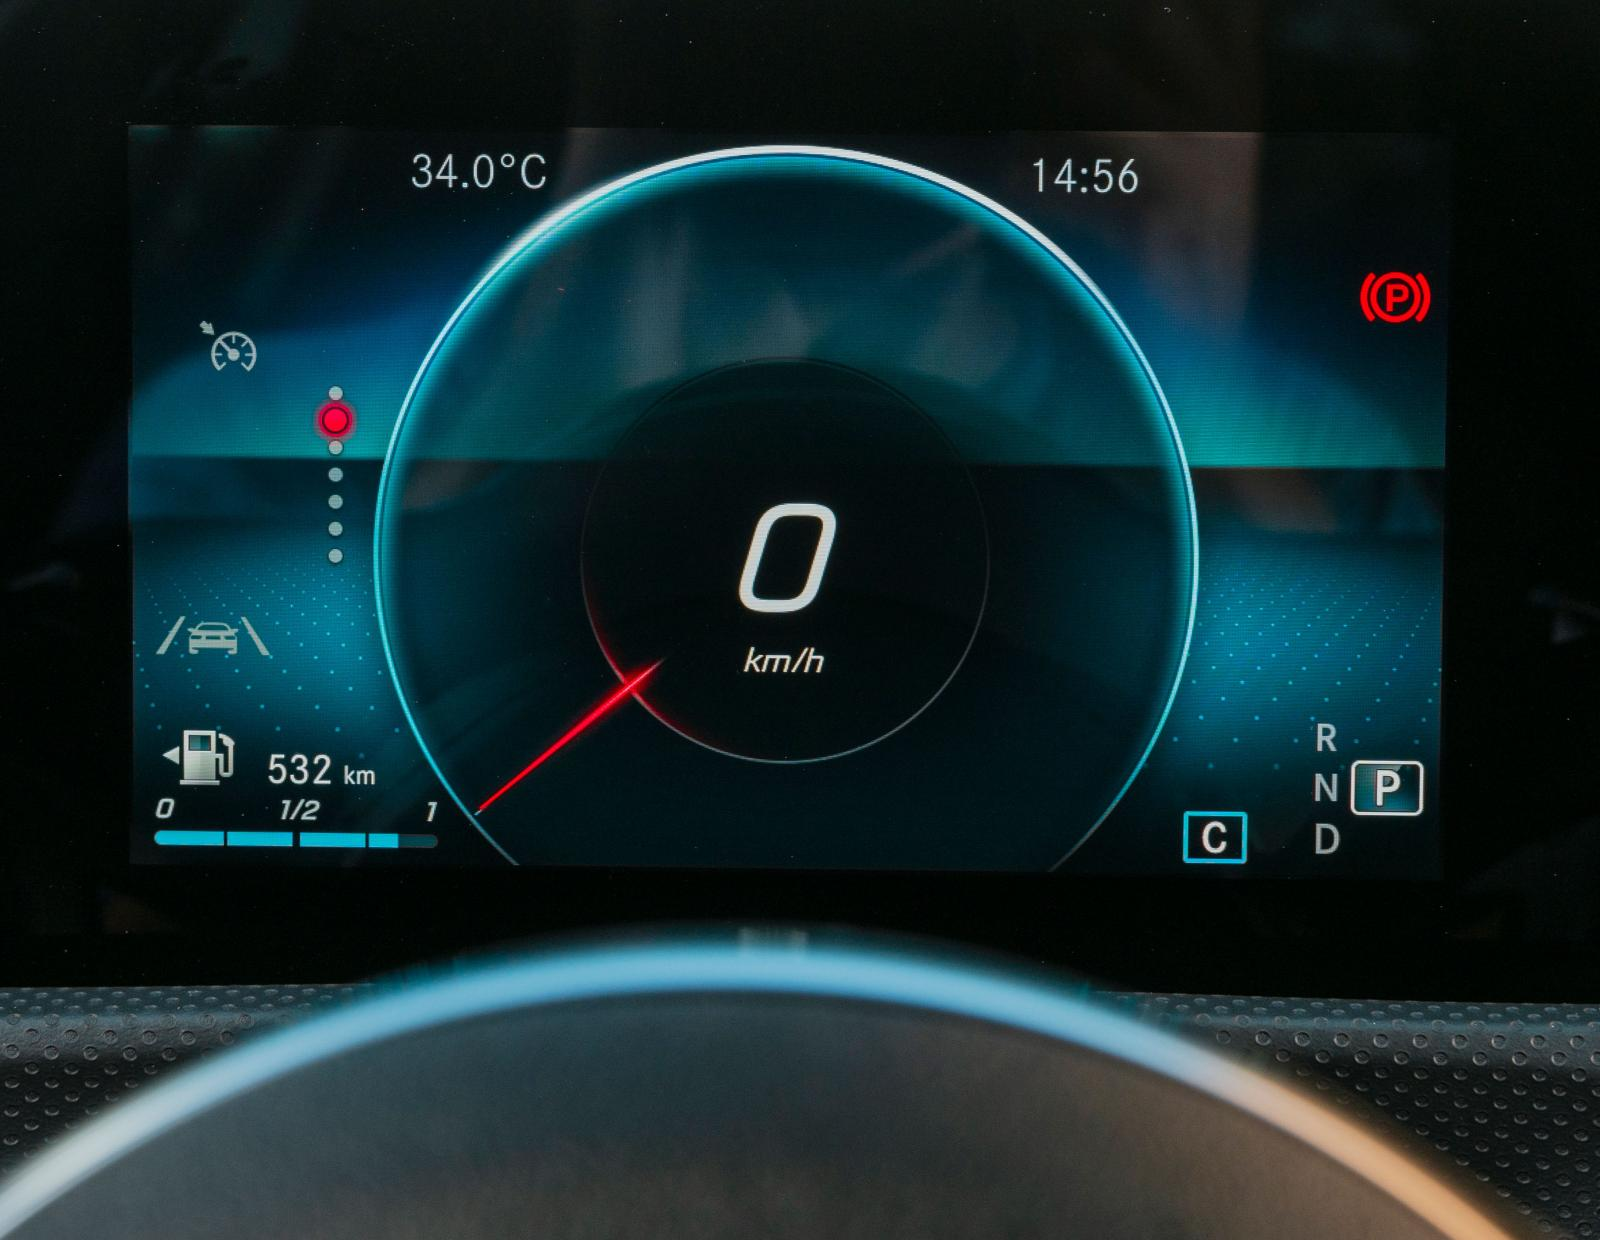 """Mercedes kallar instrumentvyn för """"progressiv"""", en mer konventionell hastighetsmätare är några klick bort. För att kunna visa varv- och hastighetsmätare samtidigt får man lägga till 5200 kronor för """"Widescreen cockpit""""."""